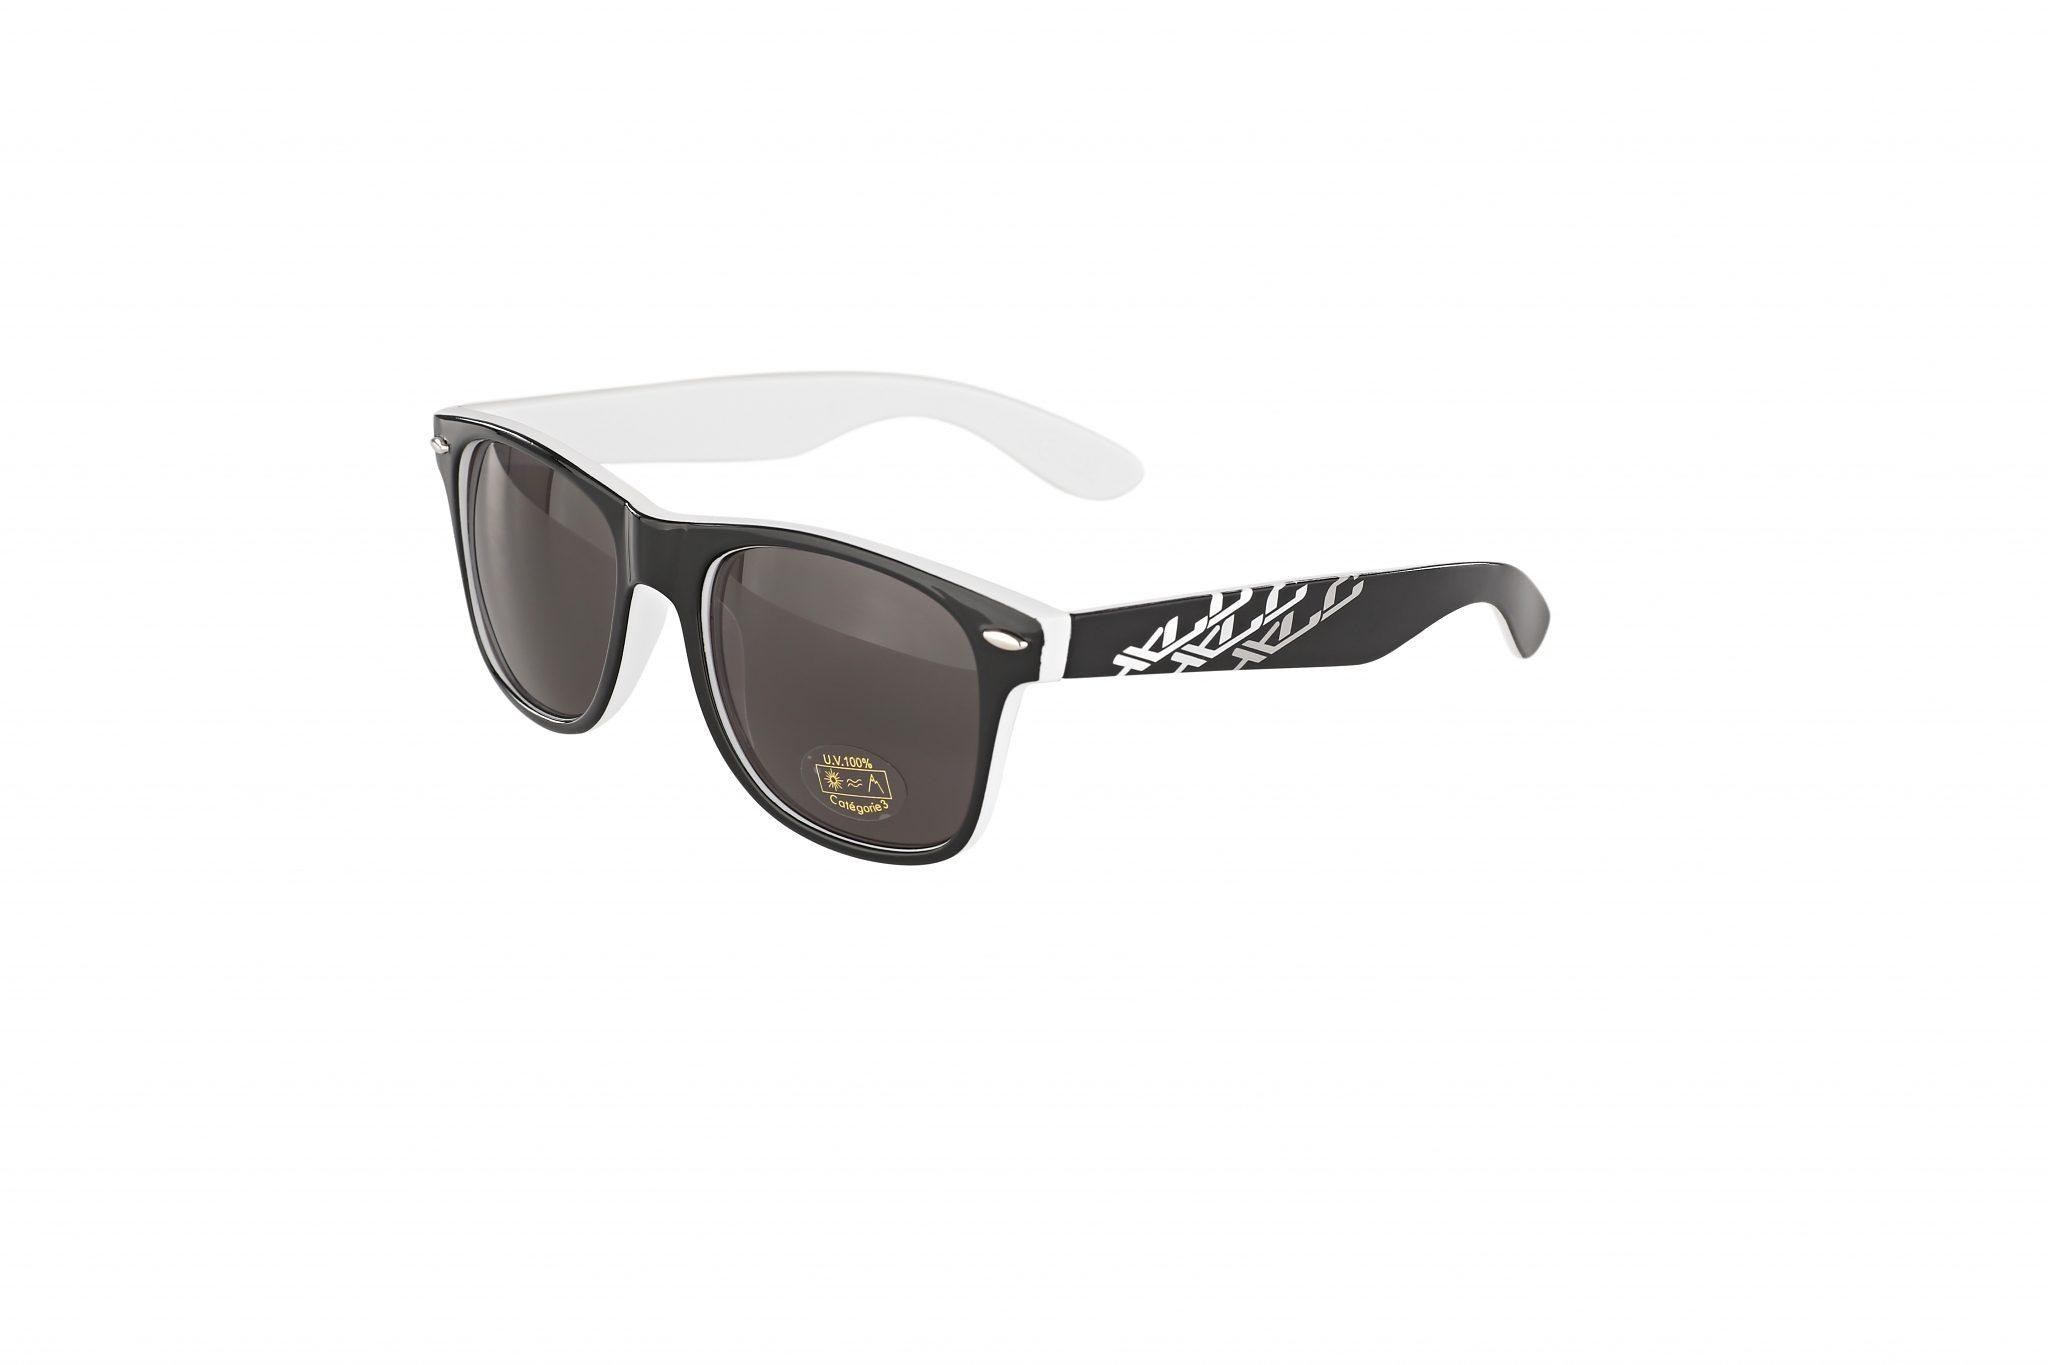 XLC Radsportbrille »Madagaskar SG-F06 Sonnenbrille«